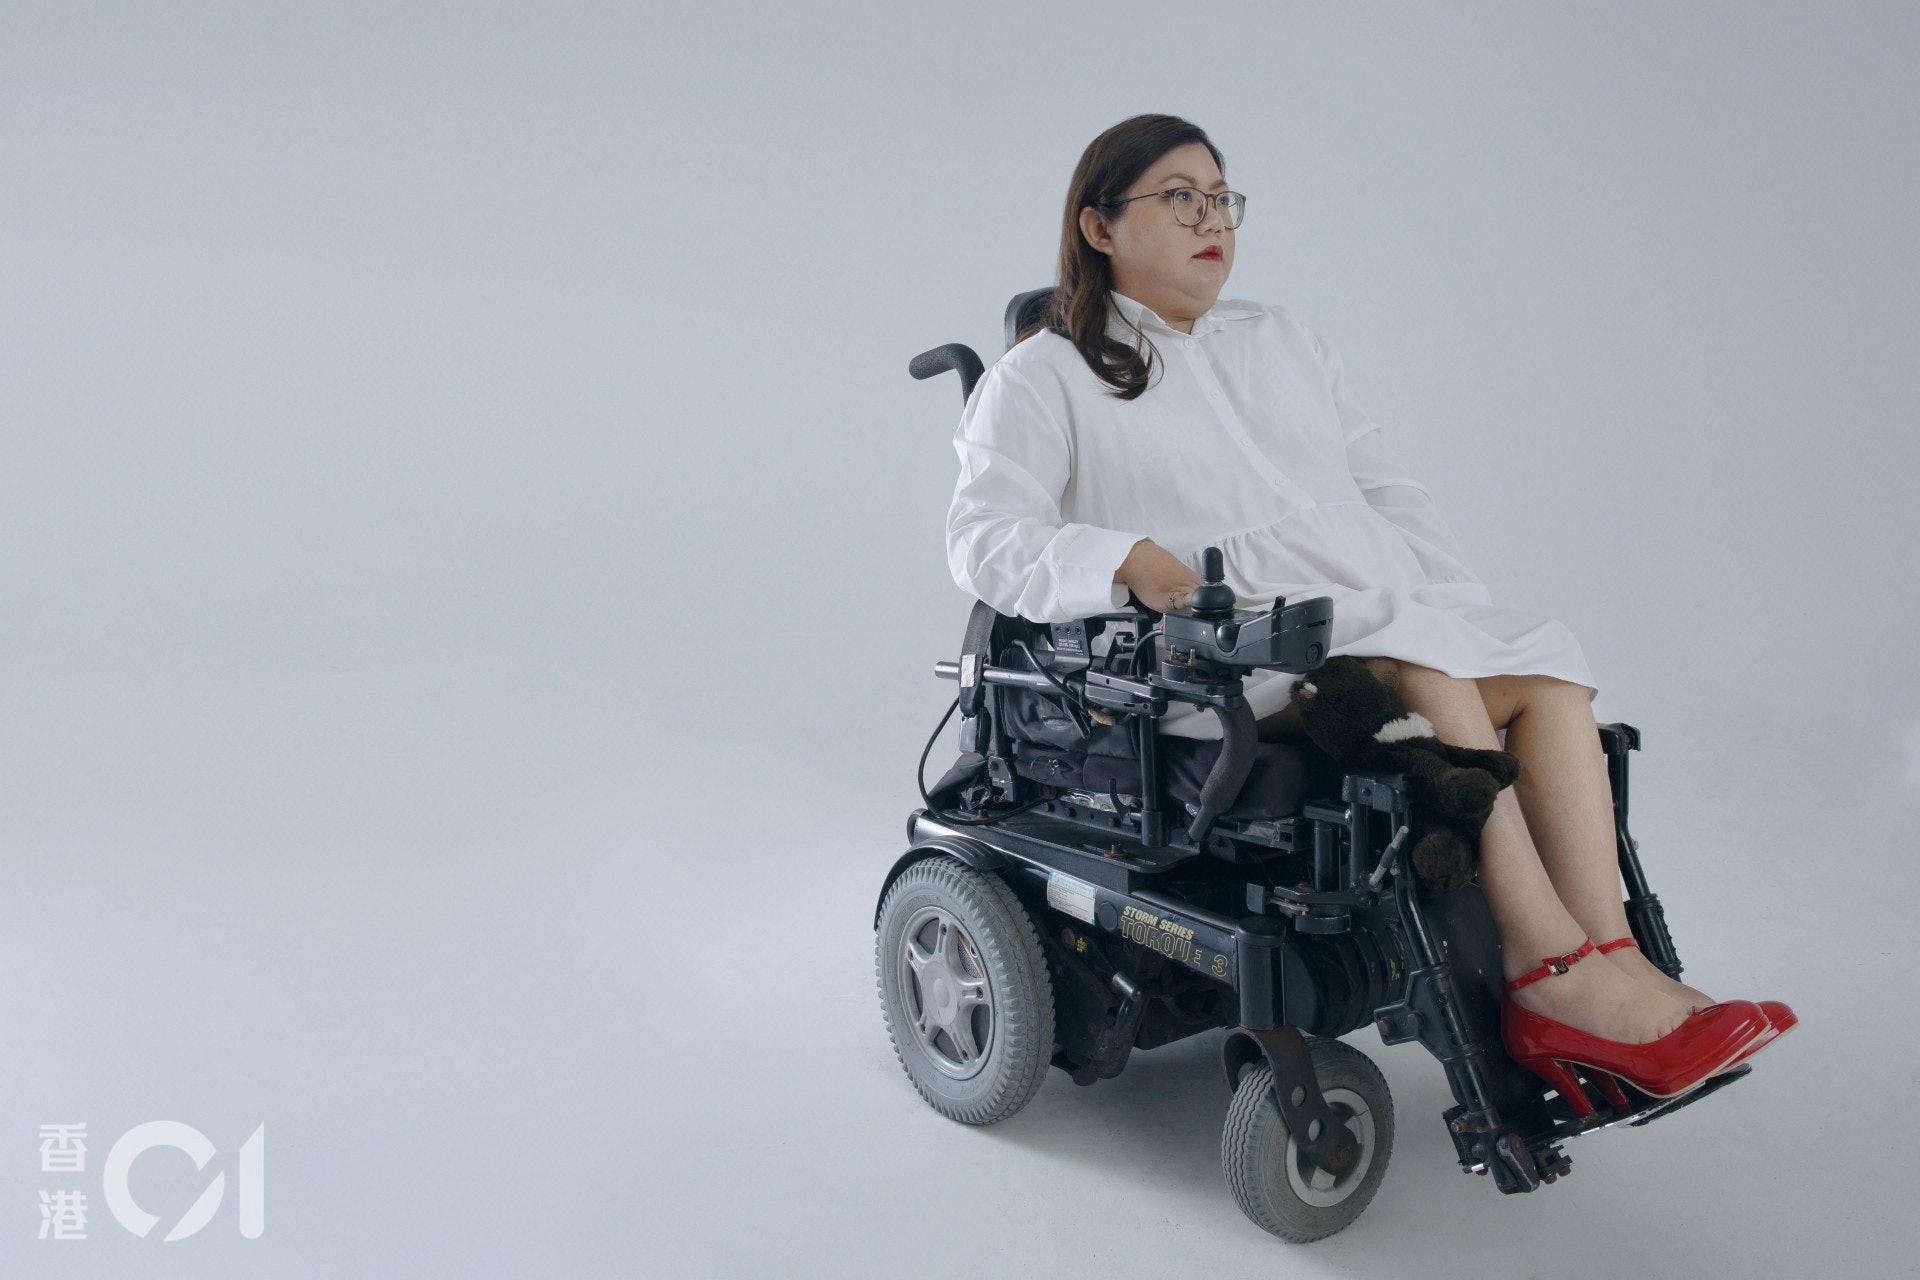 曾有慕殘者告訴Carmen,輪椅與人結合為一個活體,是一個科幻而性感的有趣組合。